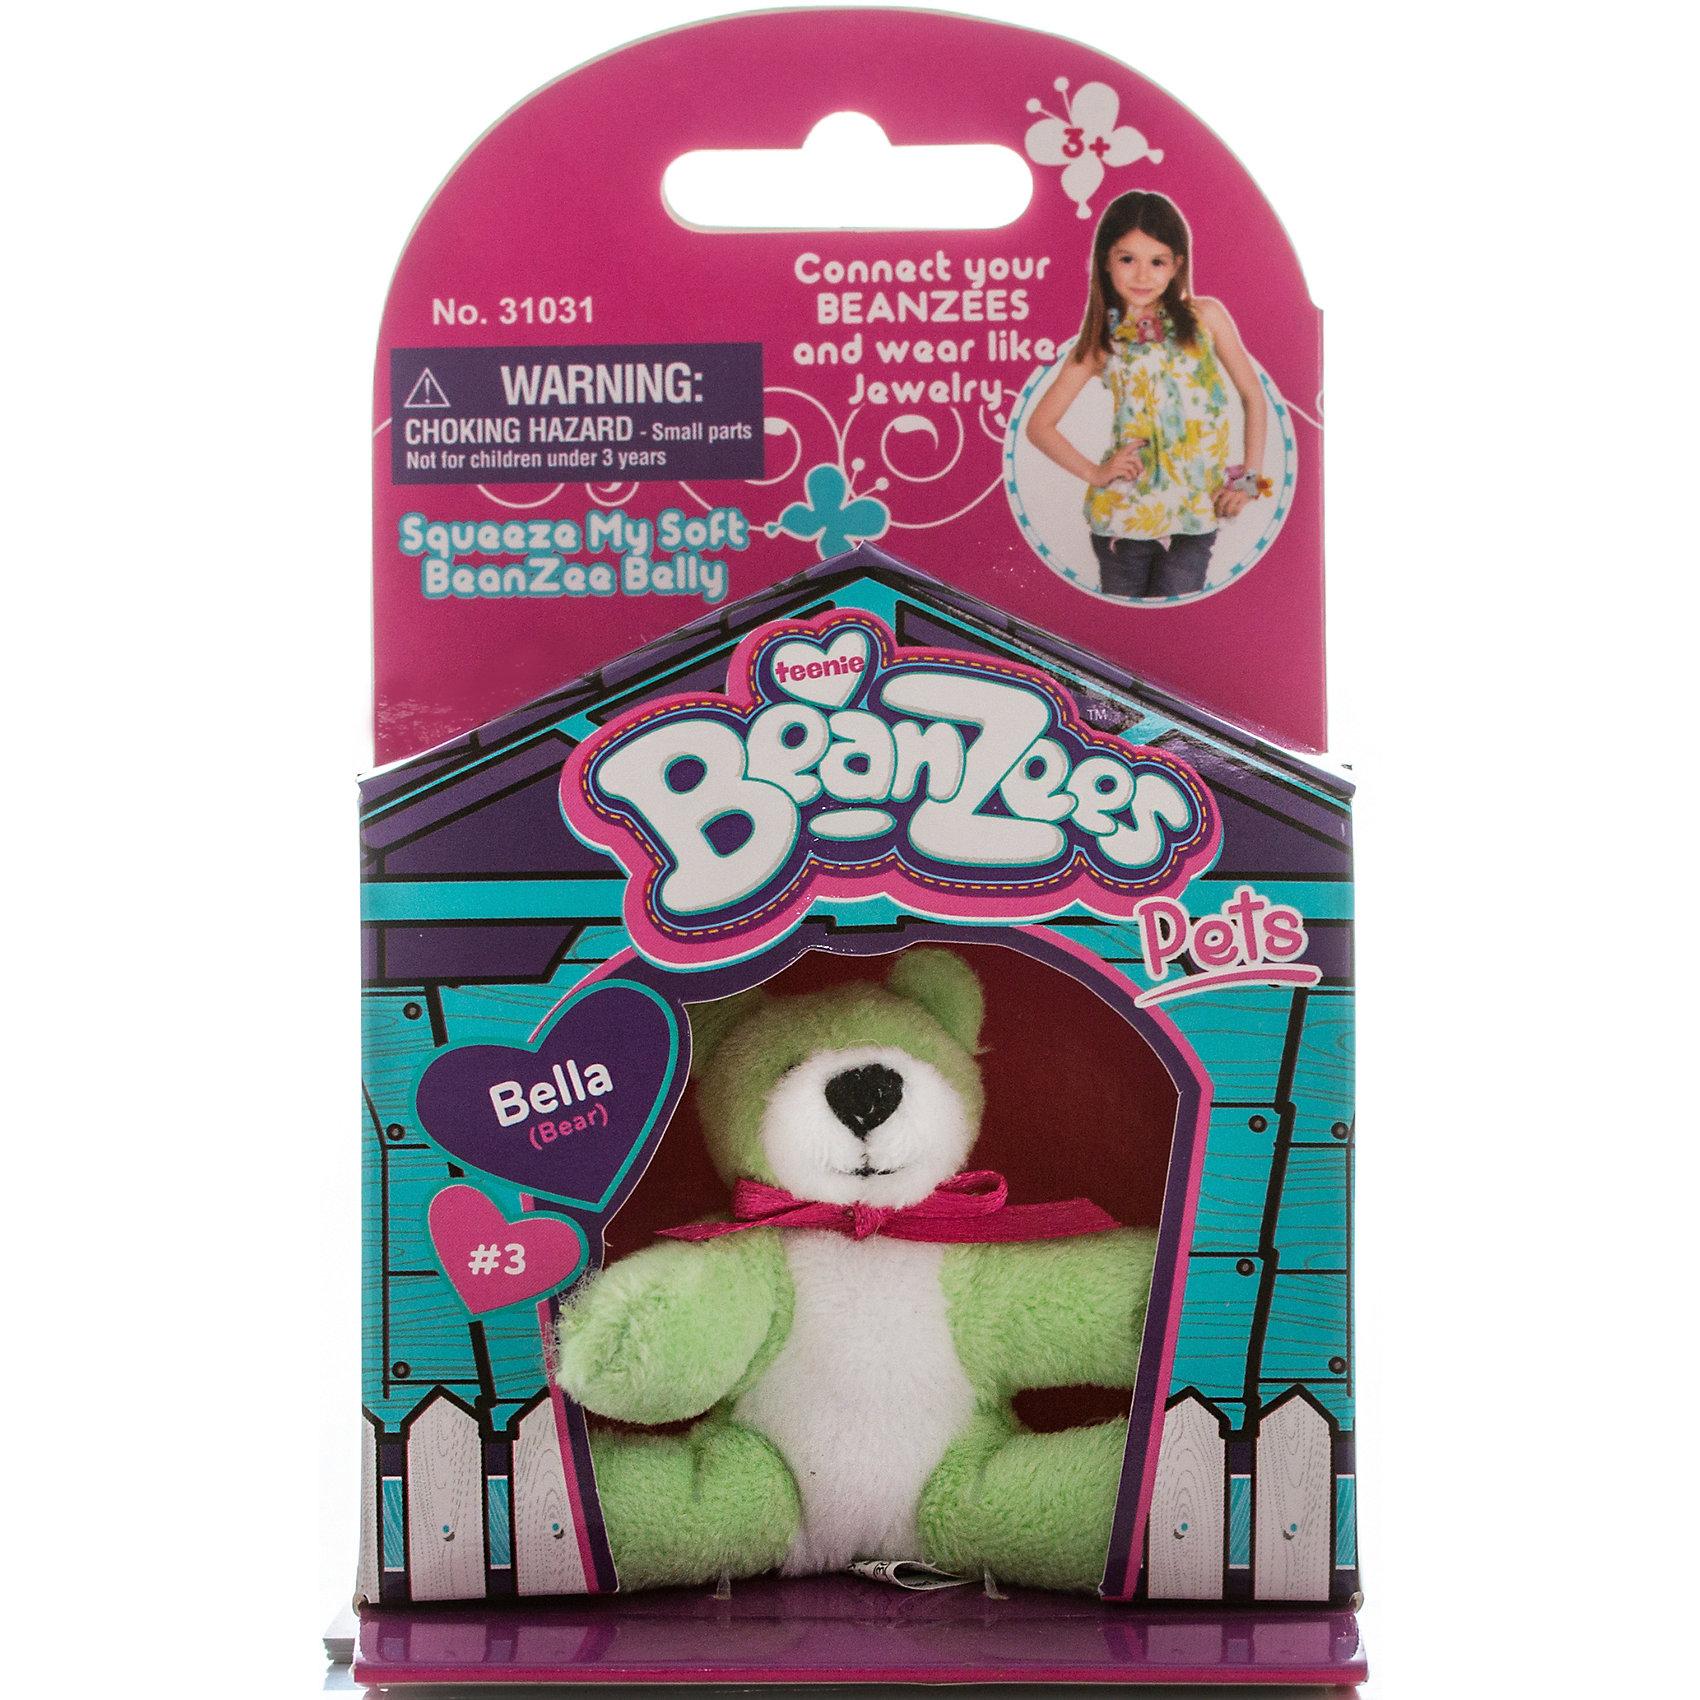 Мини-плюш Мишка,салатовый, BeanzeezХарактеристики товара:<br><br>• цвет: салатовый<br>• особенности: наличие на лапках липучек, игрушку можно соединять с другими героями из серии<br>• материал: пластик, текстиль<br>• размер упаковки: 9х5,5х14,5 см.<br>• высота игрушки: 5 см<br>• возраст: от 3 лет<br>• страна бренда: США<br>• страна производства: Китай<br><br>Такая симпатичная игрушка не оставит ребенка равнодушным! Какой малыш откажется поиграть с маленькими плюшевыми игрушками из большой пушистой коллекции?! Игрушки очень качественно выполнены, поэтому такая фигурка станет отличным подарком ребенку. Благодаря липучкам на лапках животных можно соединить между собой. Дети приходят в восторг от этих игрушек!<br>Такие предметы помогают ребенку отрабатывать новые навыки и способности - развивать ловкость, мелкую моторику, воображение, мышление, логику. Изделие производится из качественных сертифицированных материалов, безопасных даже для самых маленьких.<br><br>Мини-плюш Мишка,салатовый, от бренда Beanzeez можно купить в нашем интернет-магазине.<br><br>Ширина мм: 50<br>Глубина мм: 140<br>Высота мм: 85<br>Вес г: 73<br>Возраст от месяцев: 36<br>Возраст до месяцев: 2147483647<br>Пол: Унисекс<br>Возраст: Детский<br>SKU: 5218662